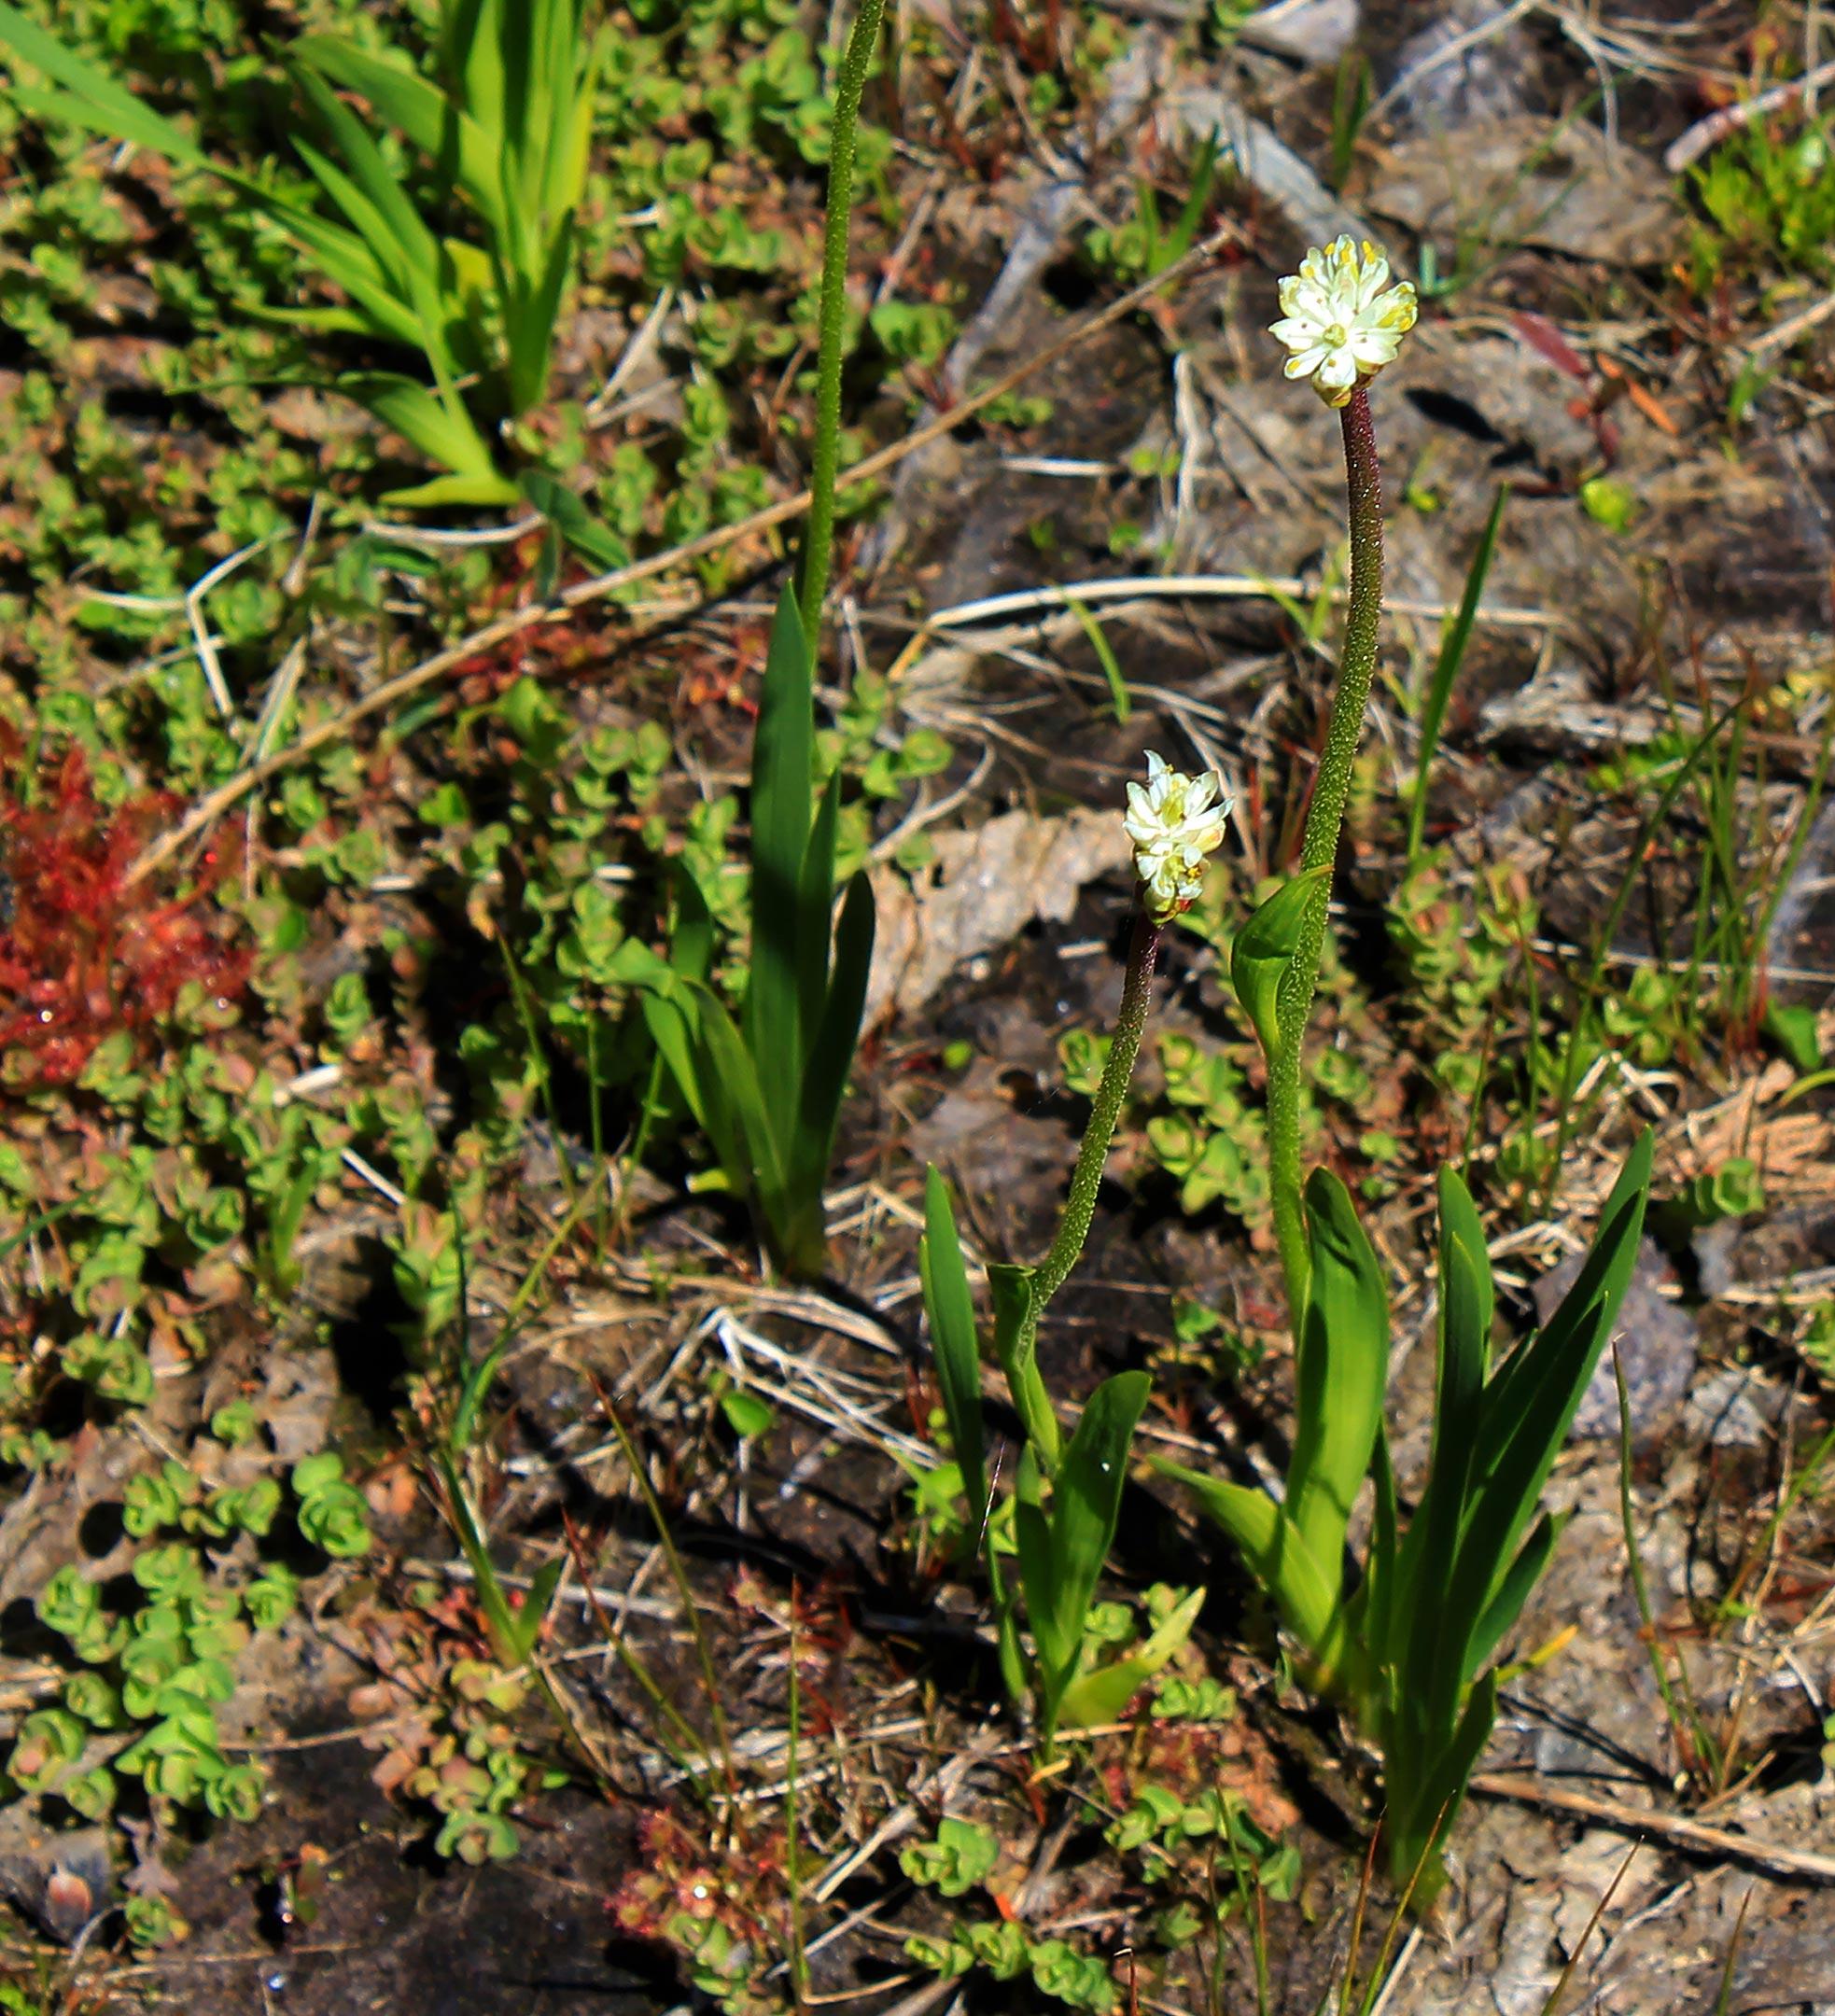 北美西部发现一种新的食肉植物——Triantha occidentalis